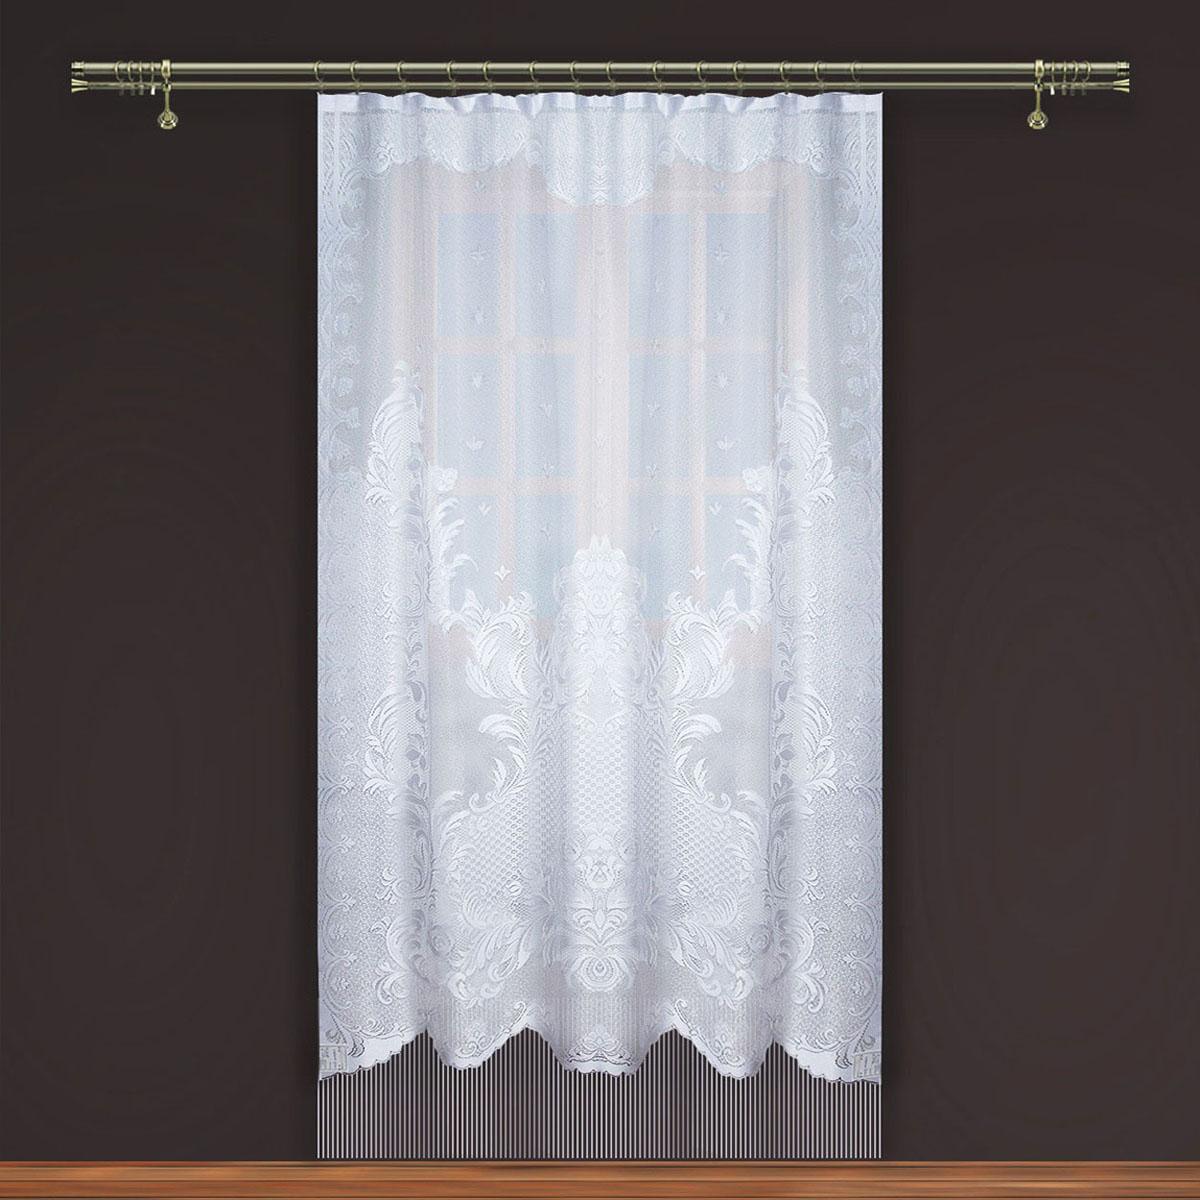 Гардина Zlata Korunka, на зажимах, цвет: белый, высота 250 см. 88866Б025 розовыйГардина Zlata Korunka, изготовленная из высококачественного полиэстера, станет великолепным украшением любого окна. Изящный узор и тюле-кружевная текстура полотна привлекут к себе внимание и органично впишутся в интерьер комнаты. Оригинальное оформление гардины внесет разнообразие и подарит заряд положительного настроения.Крепится на зажимах для штор.